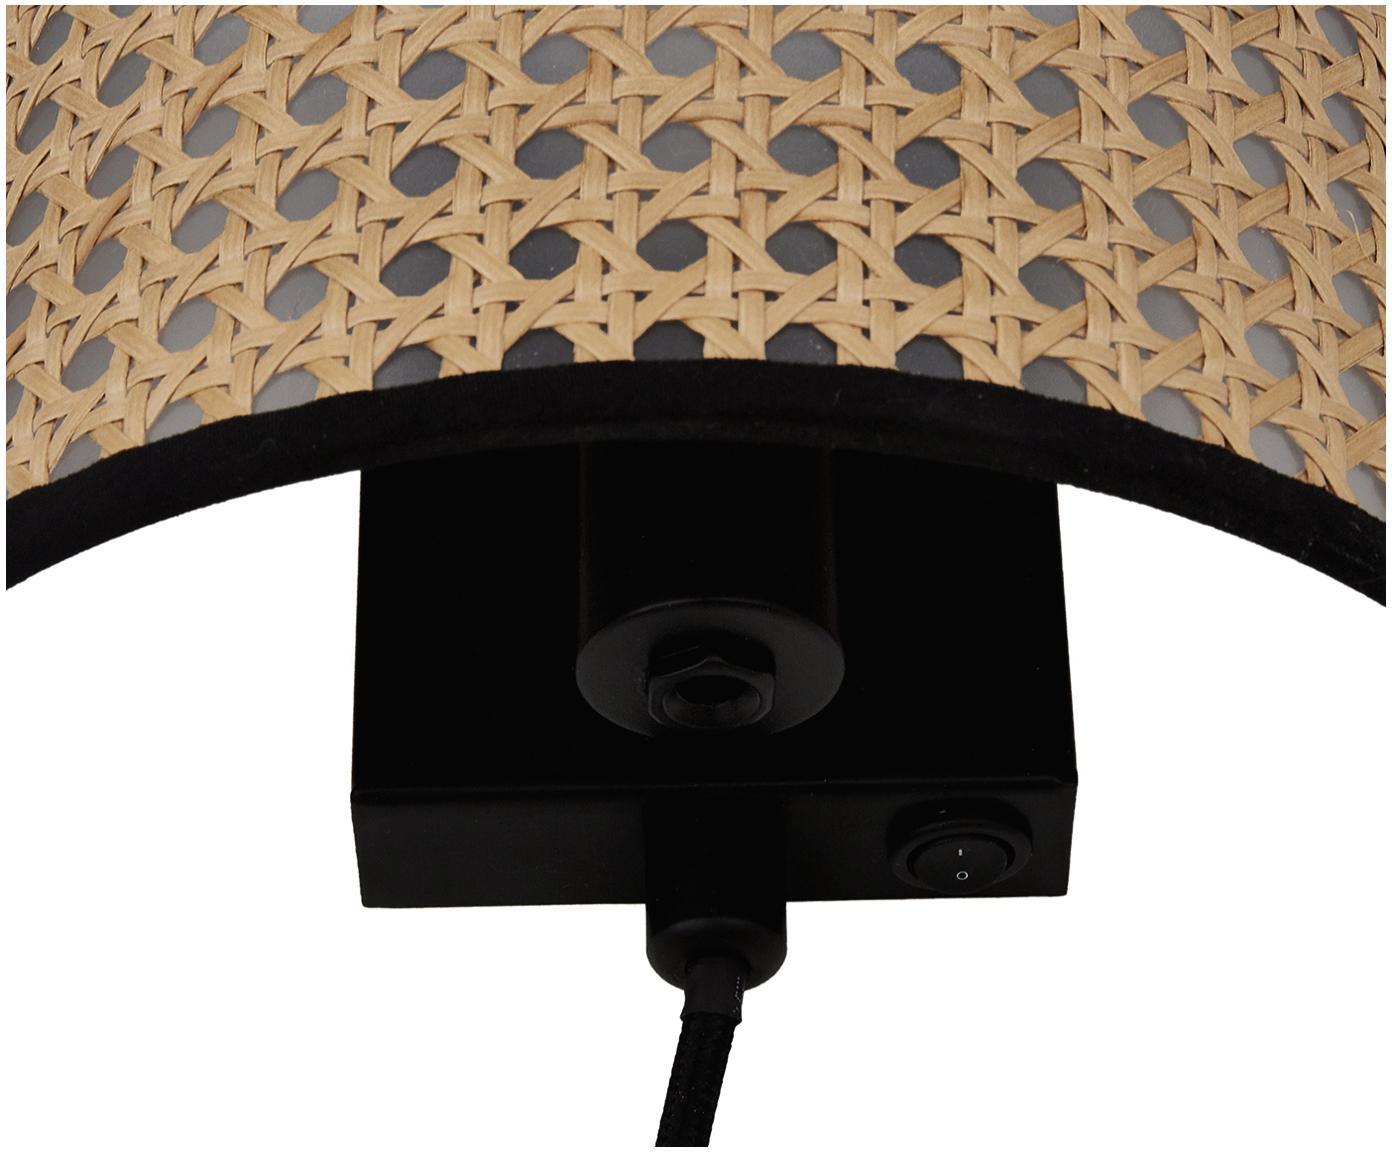 Kinkiet z plecionką wiedeńską z wtyczką Vienna, Klosz: beżowy, czarny Stelaż lampy: czarny, matowy, S 22 x W 16 cm